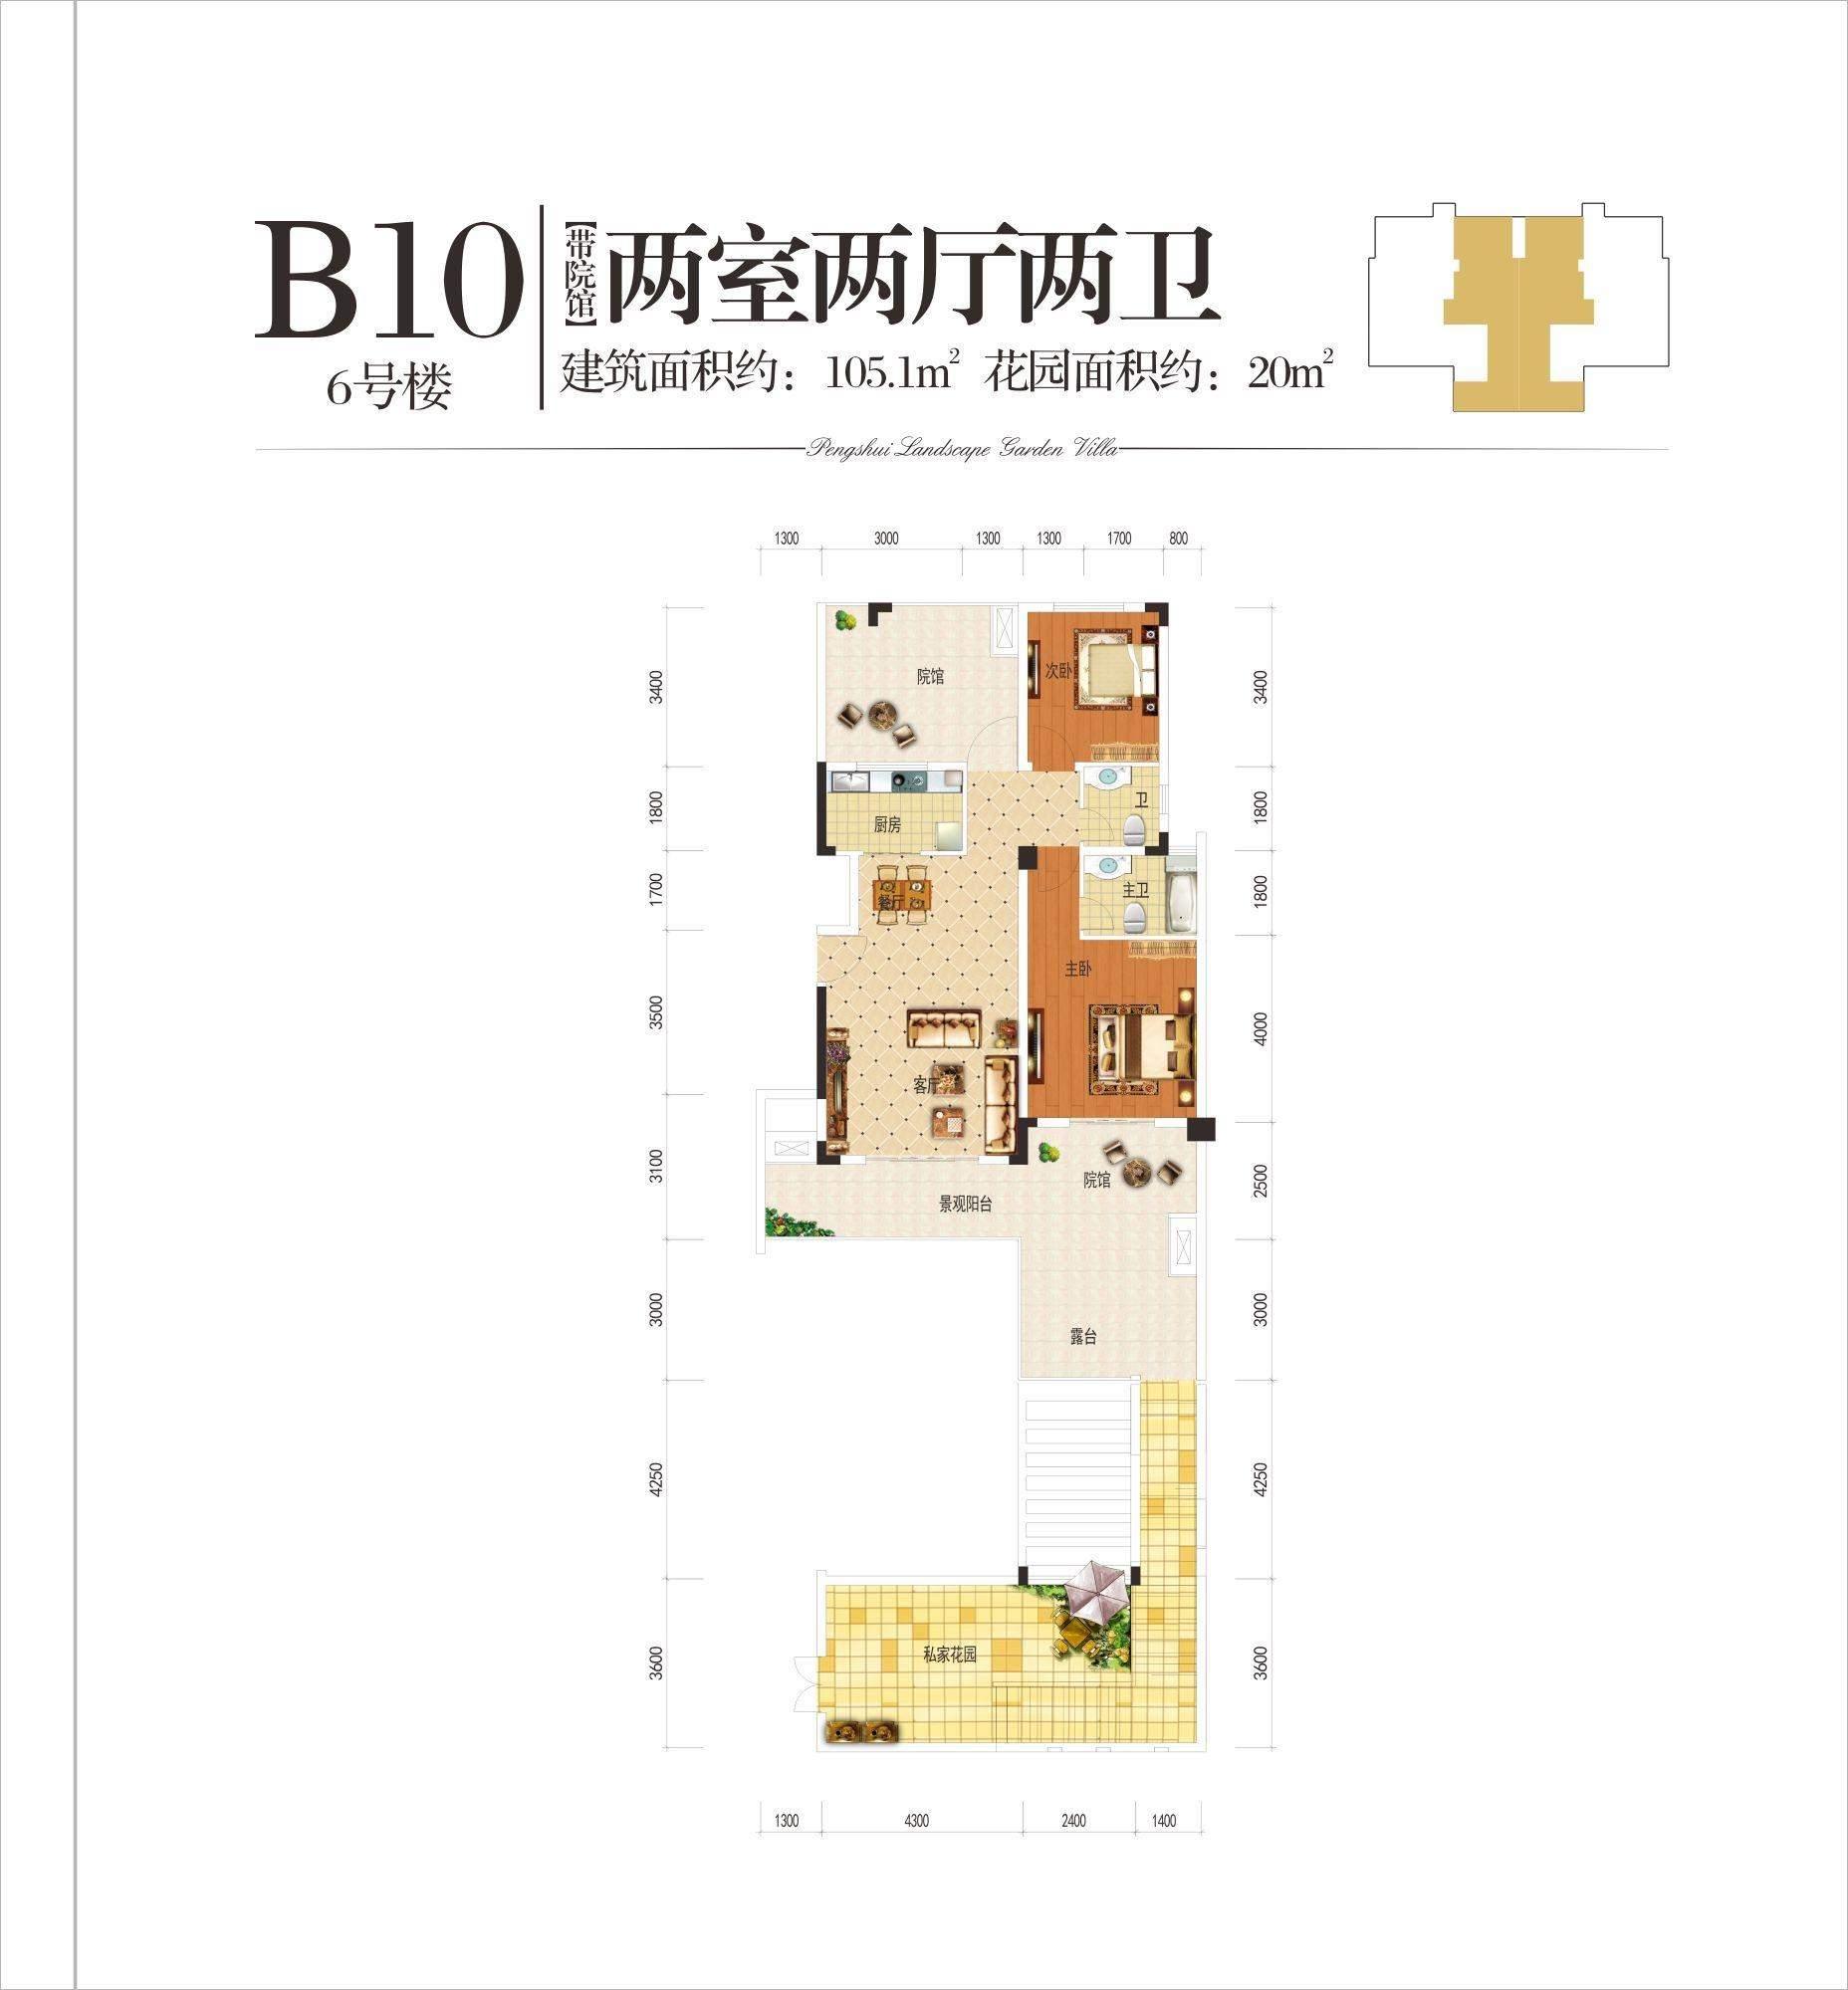 6号楼B10户型